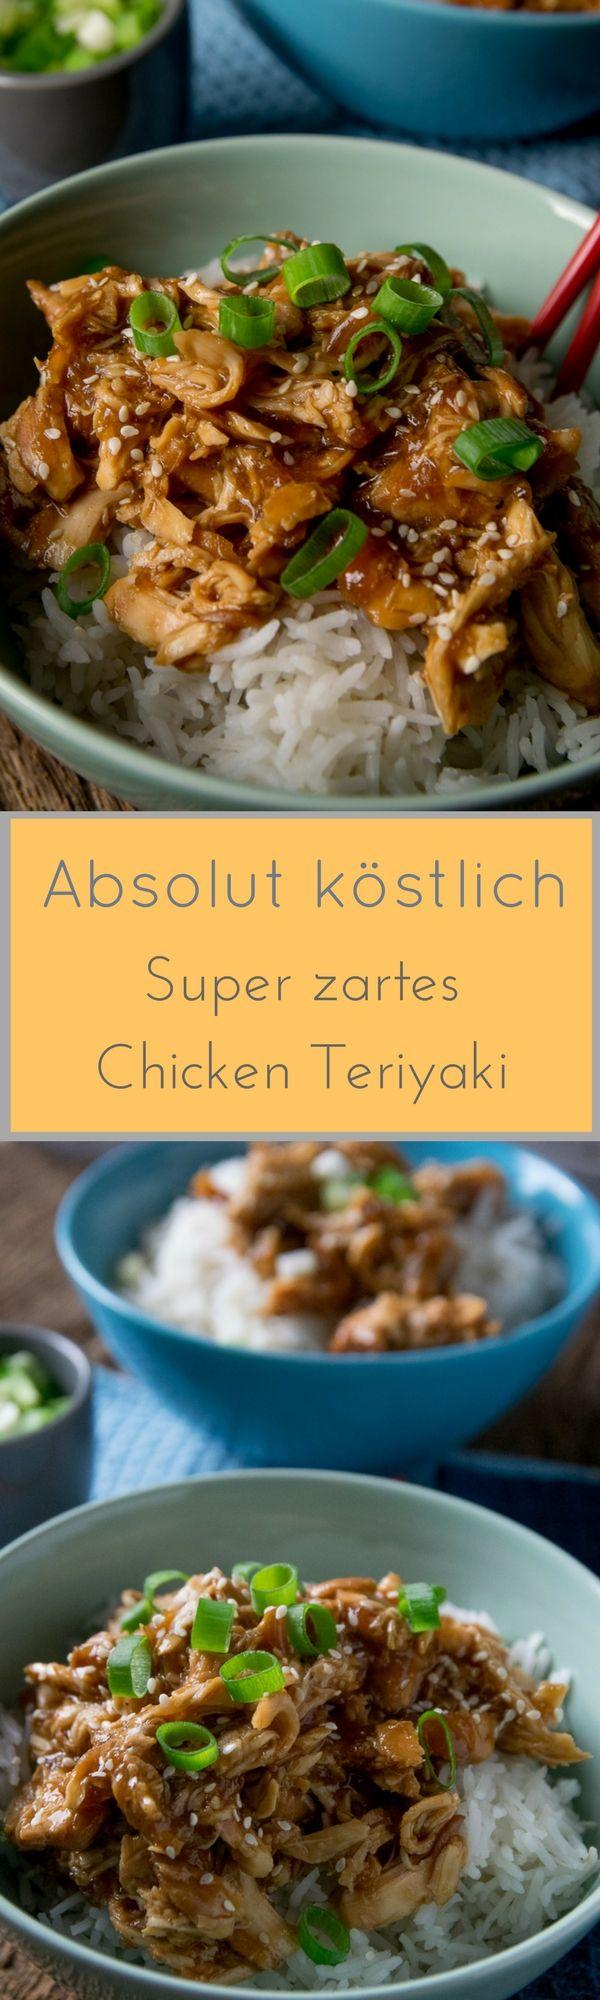 Dieses Chicken Teriyaki schmeckt absolut köstlich und ist ...